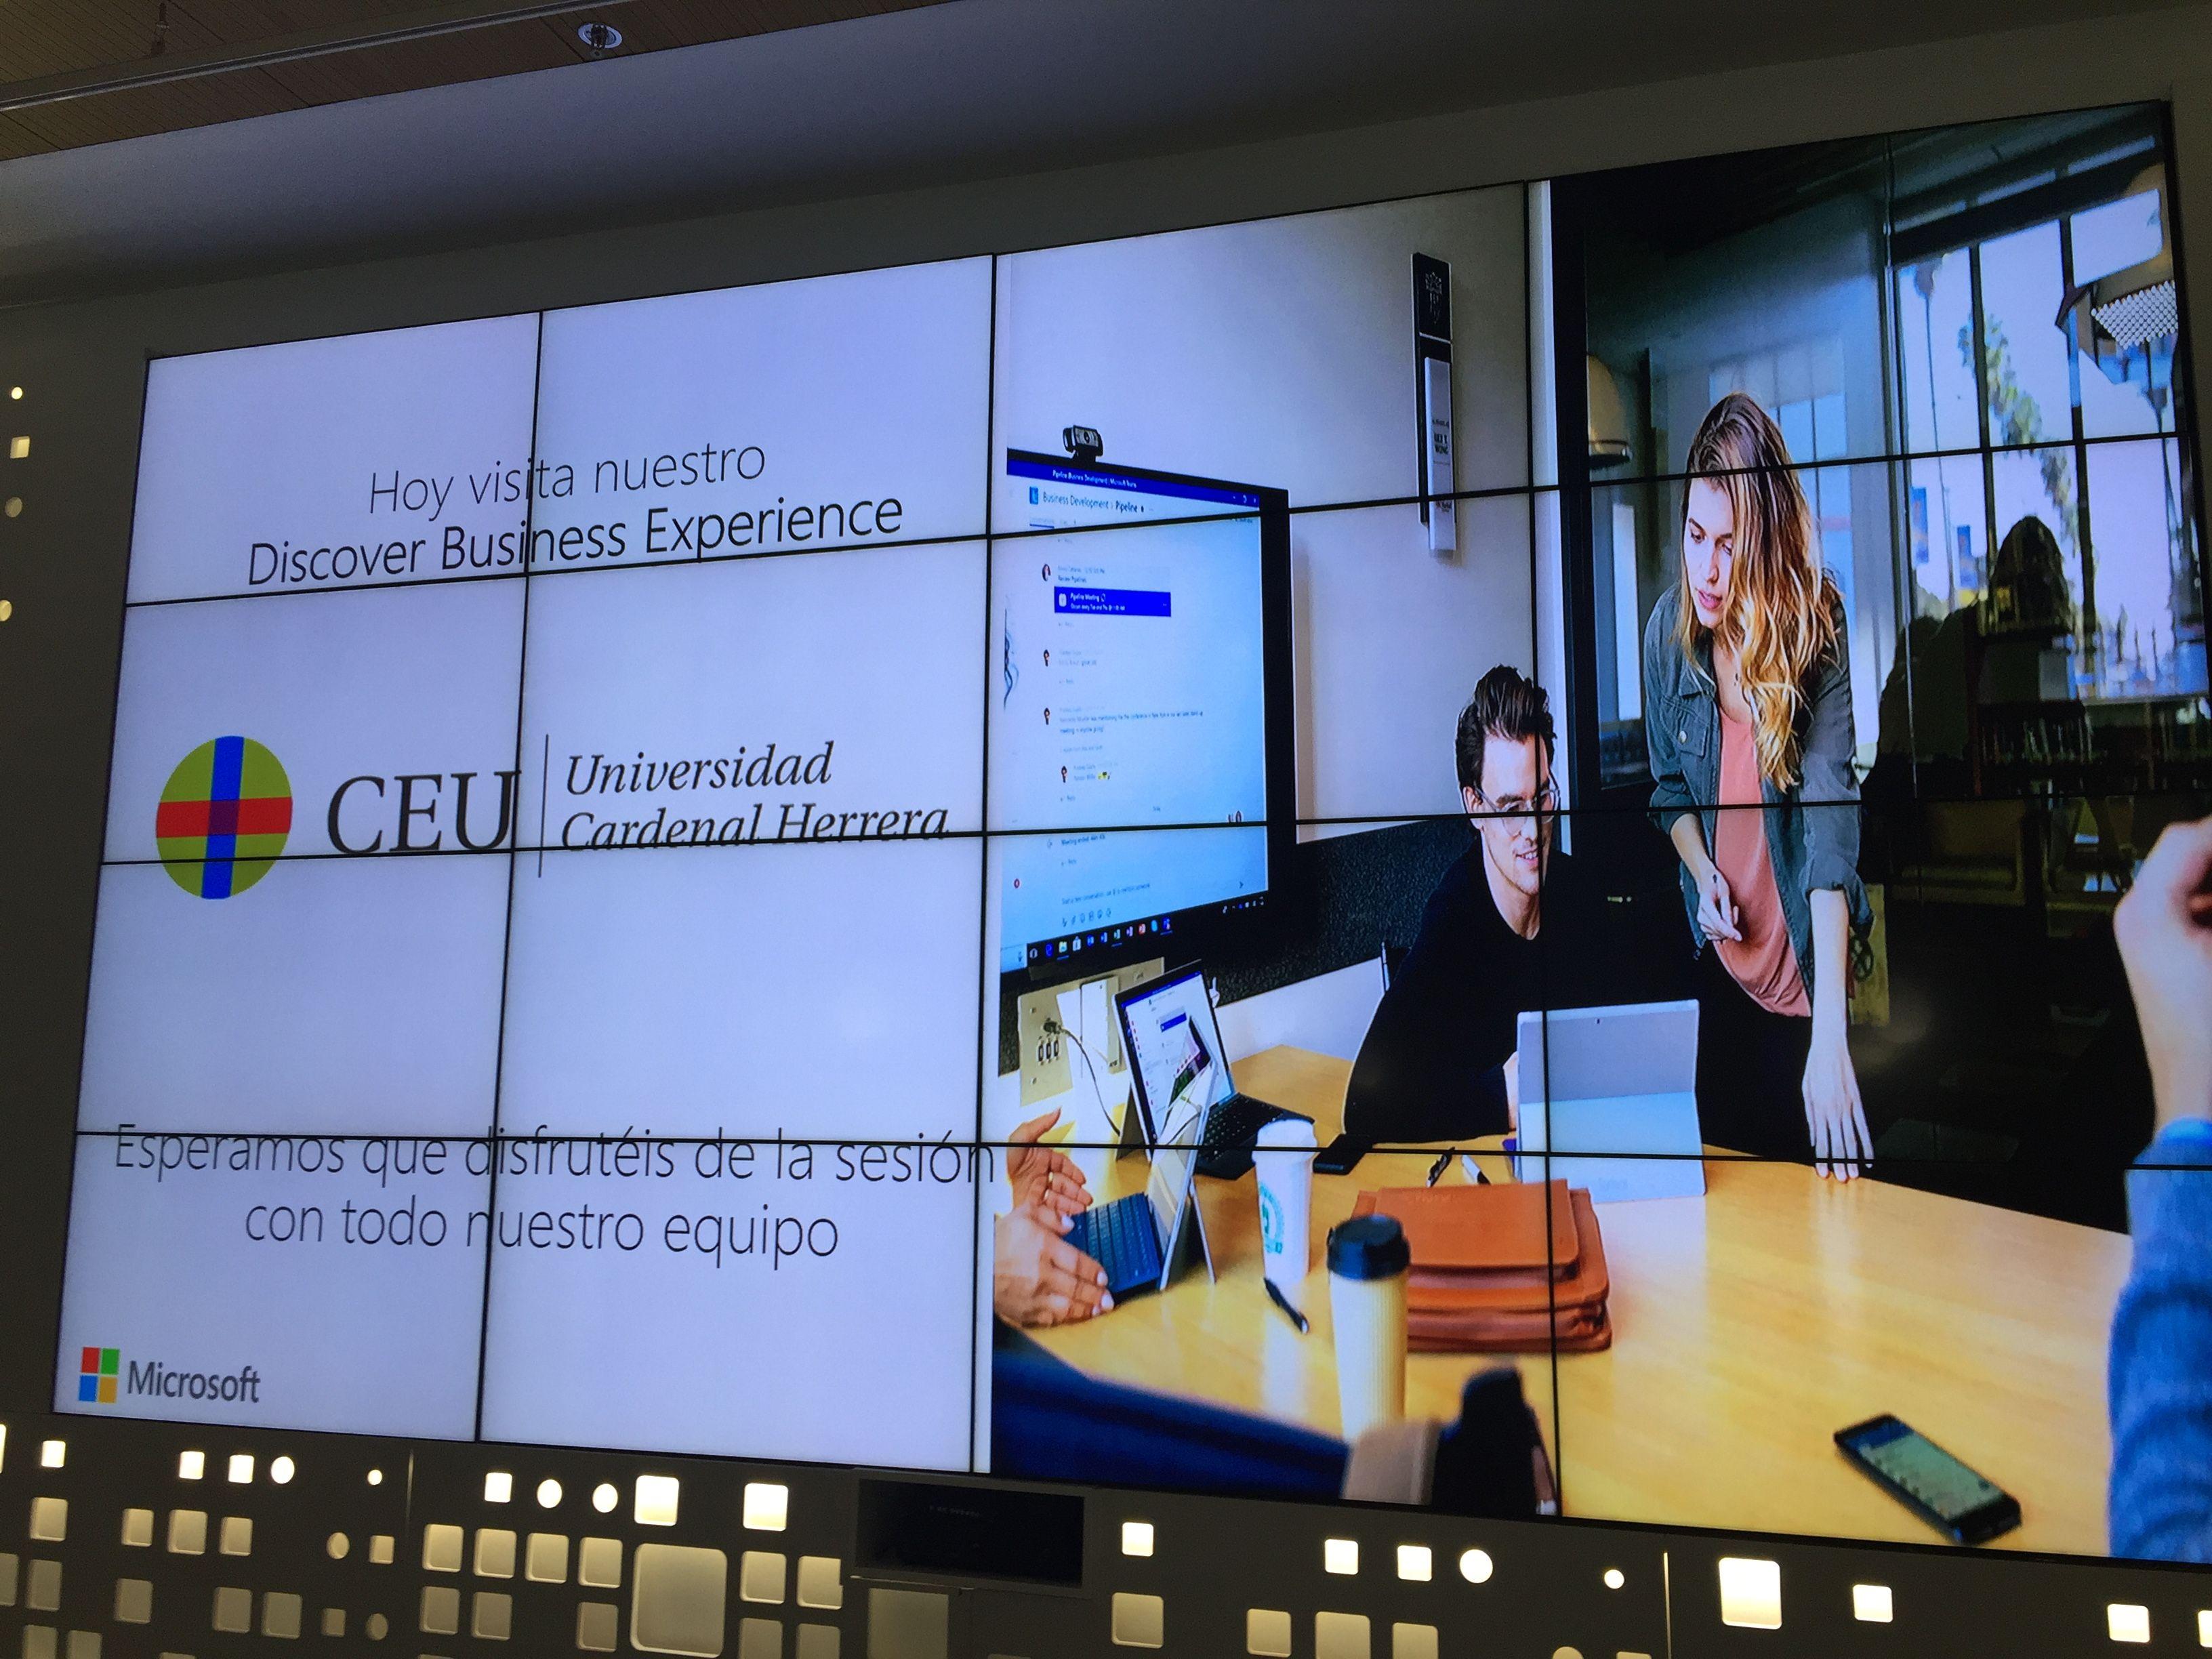 Nuestra visita a las instalaciones de #MicrosoftEduLab